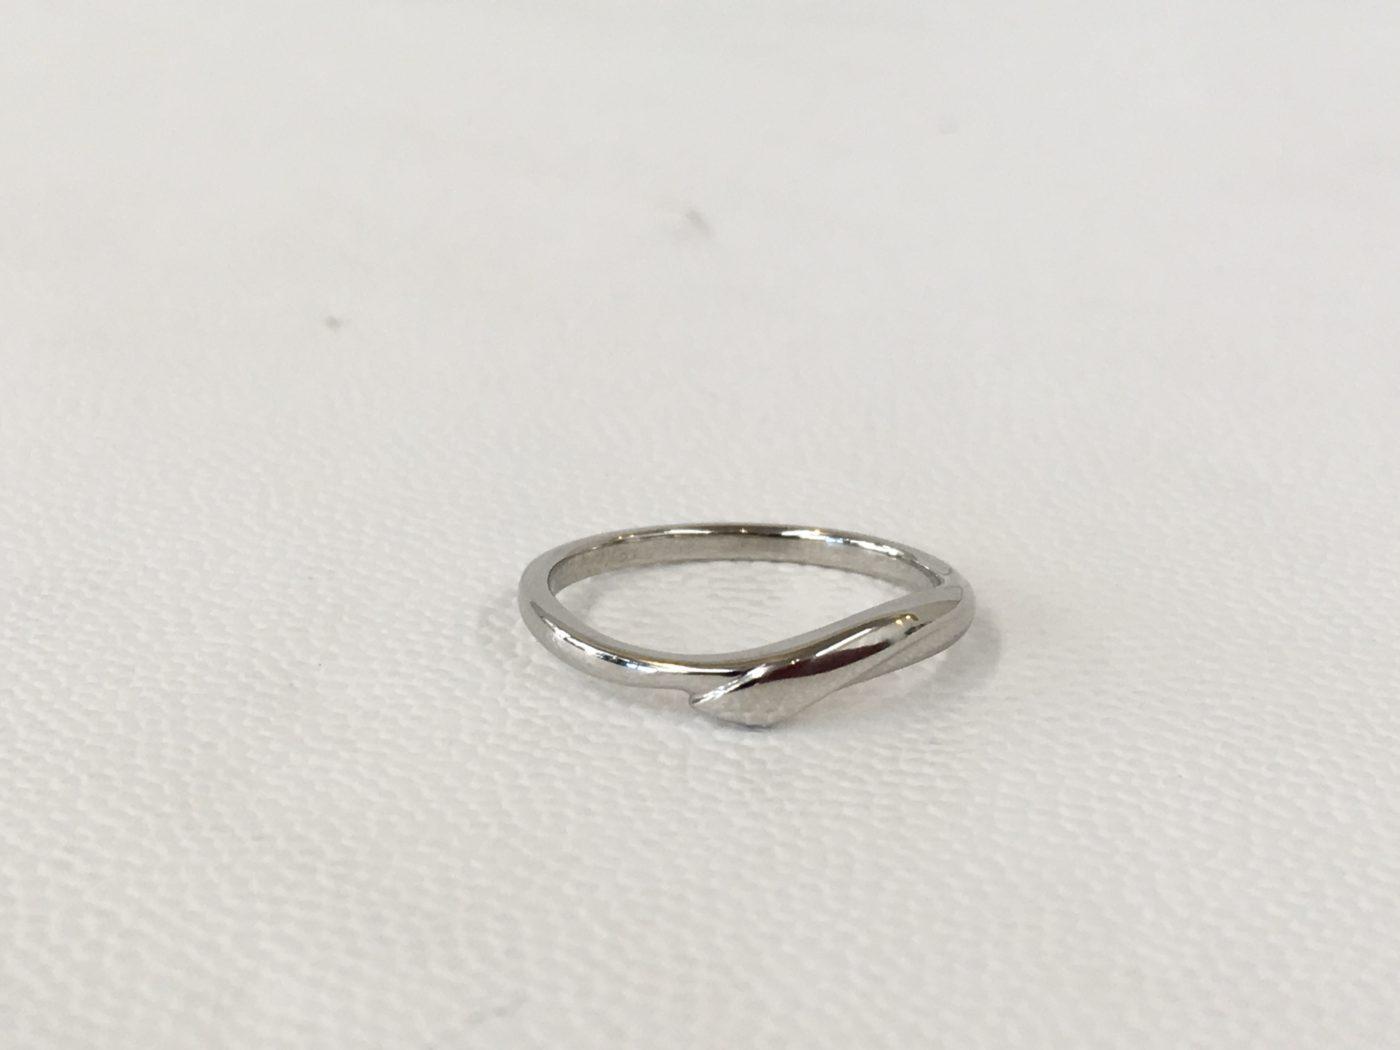 指輪 切れた ロー付け 結婚指輪